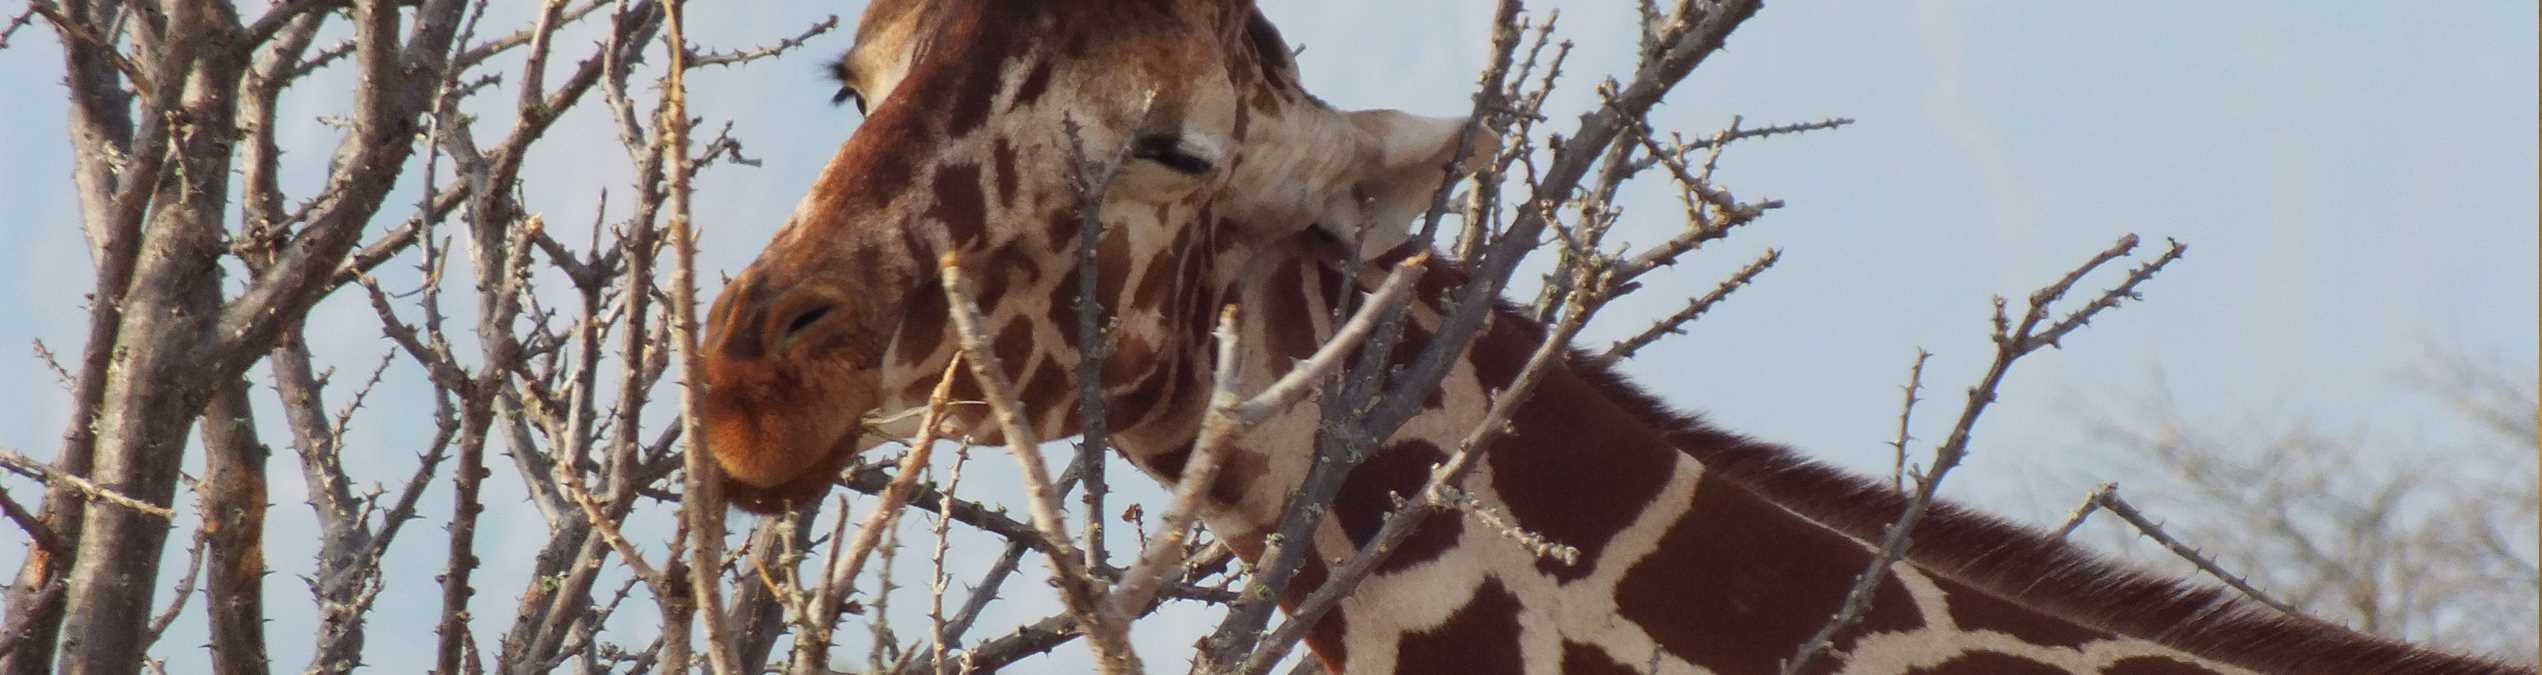 Safari Club - Kenya_Samburu_National_Park